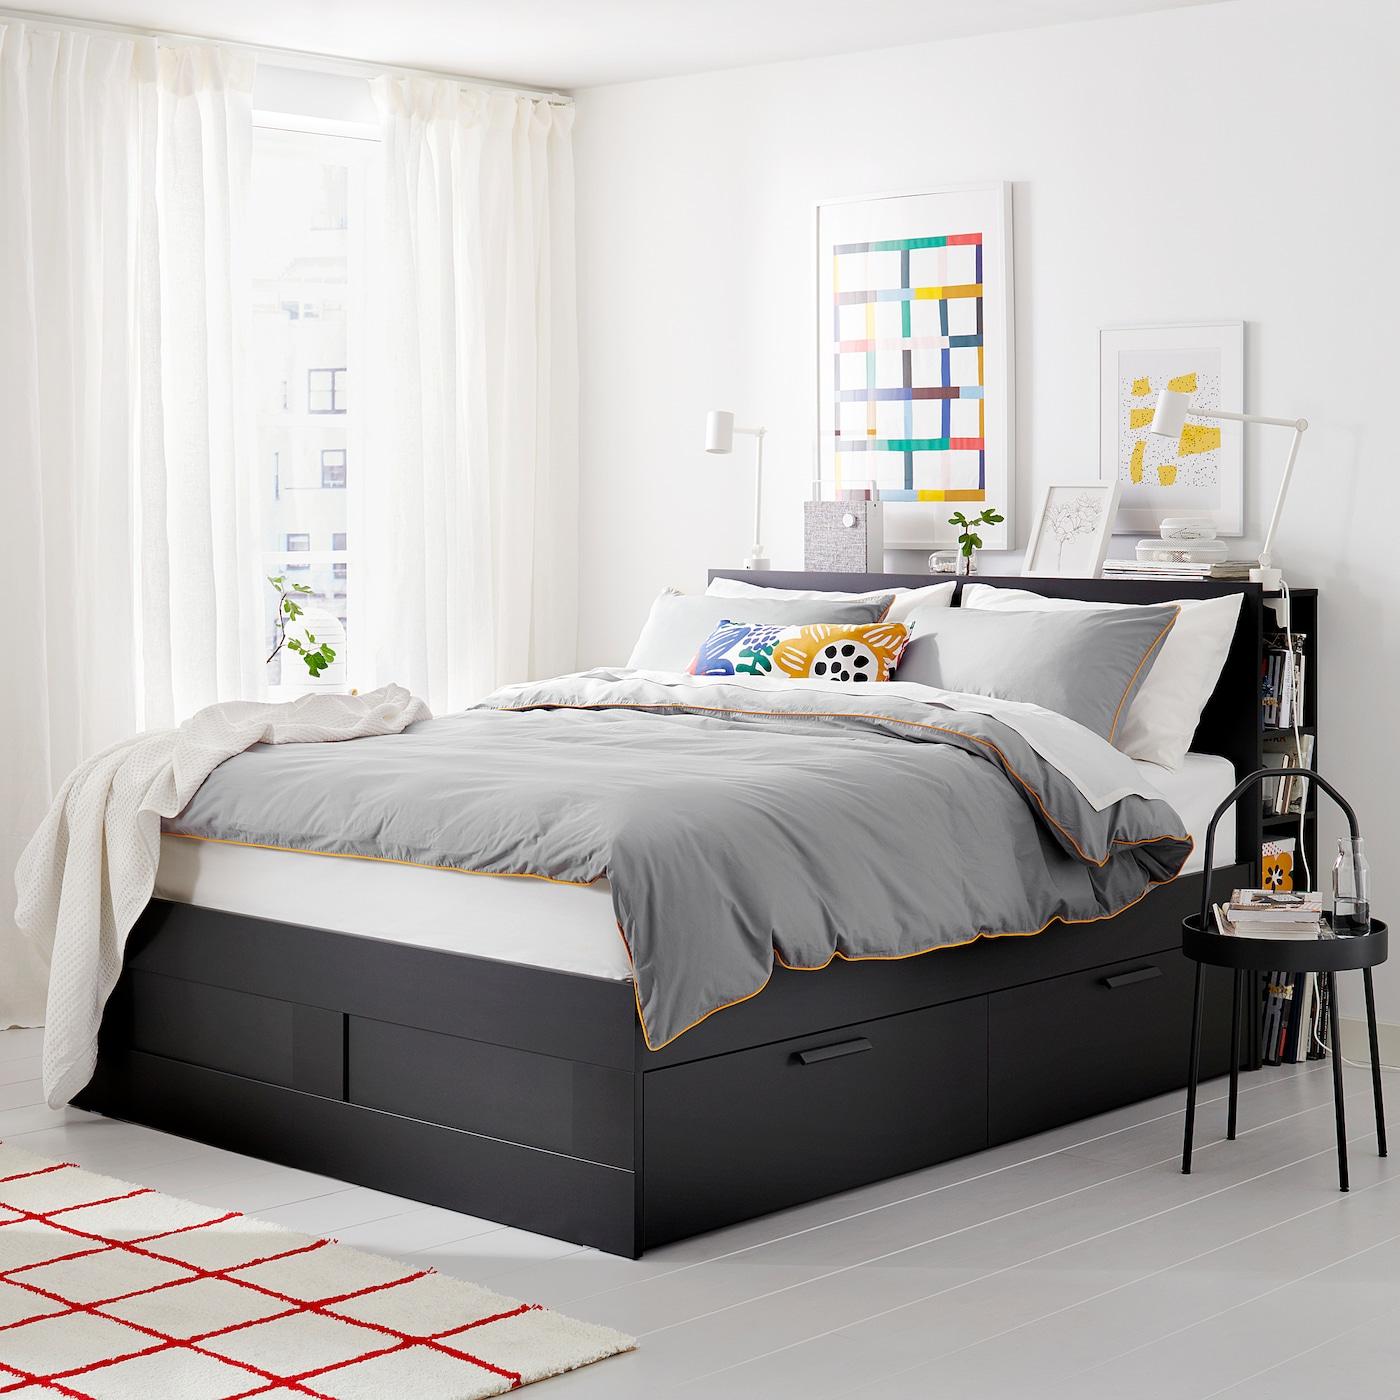 brimnes struct de lit rangement tete de lit noir luroy grand deux places